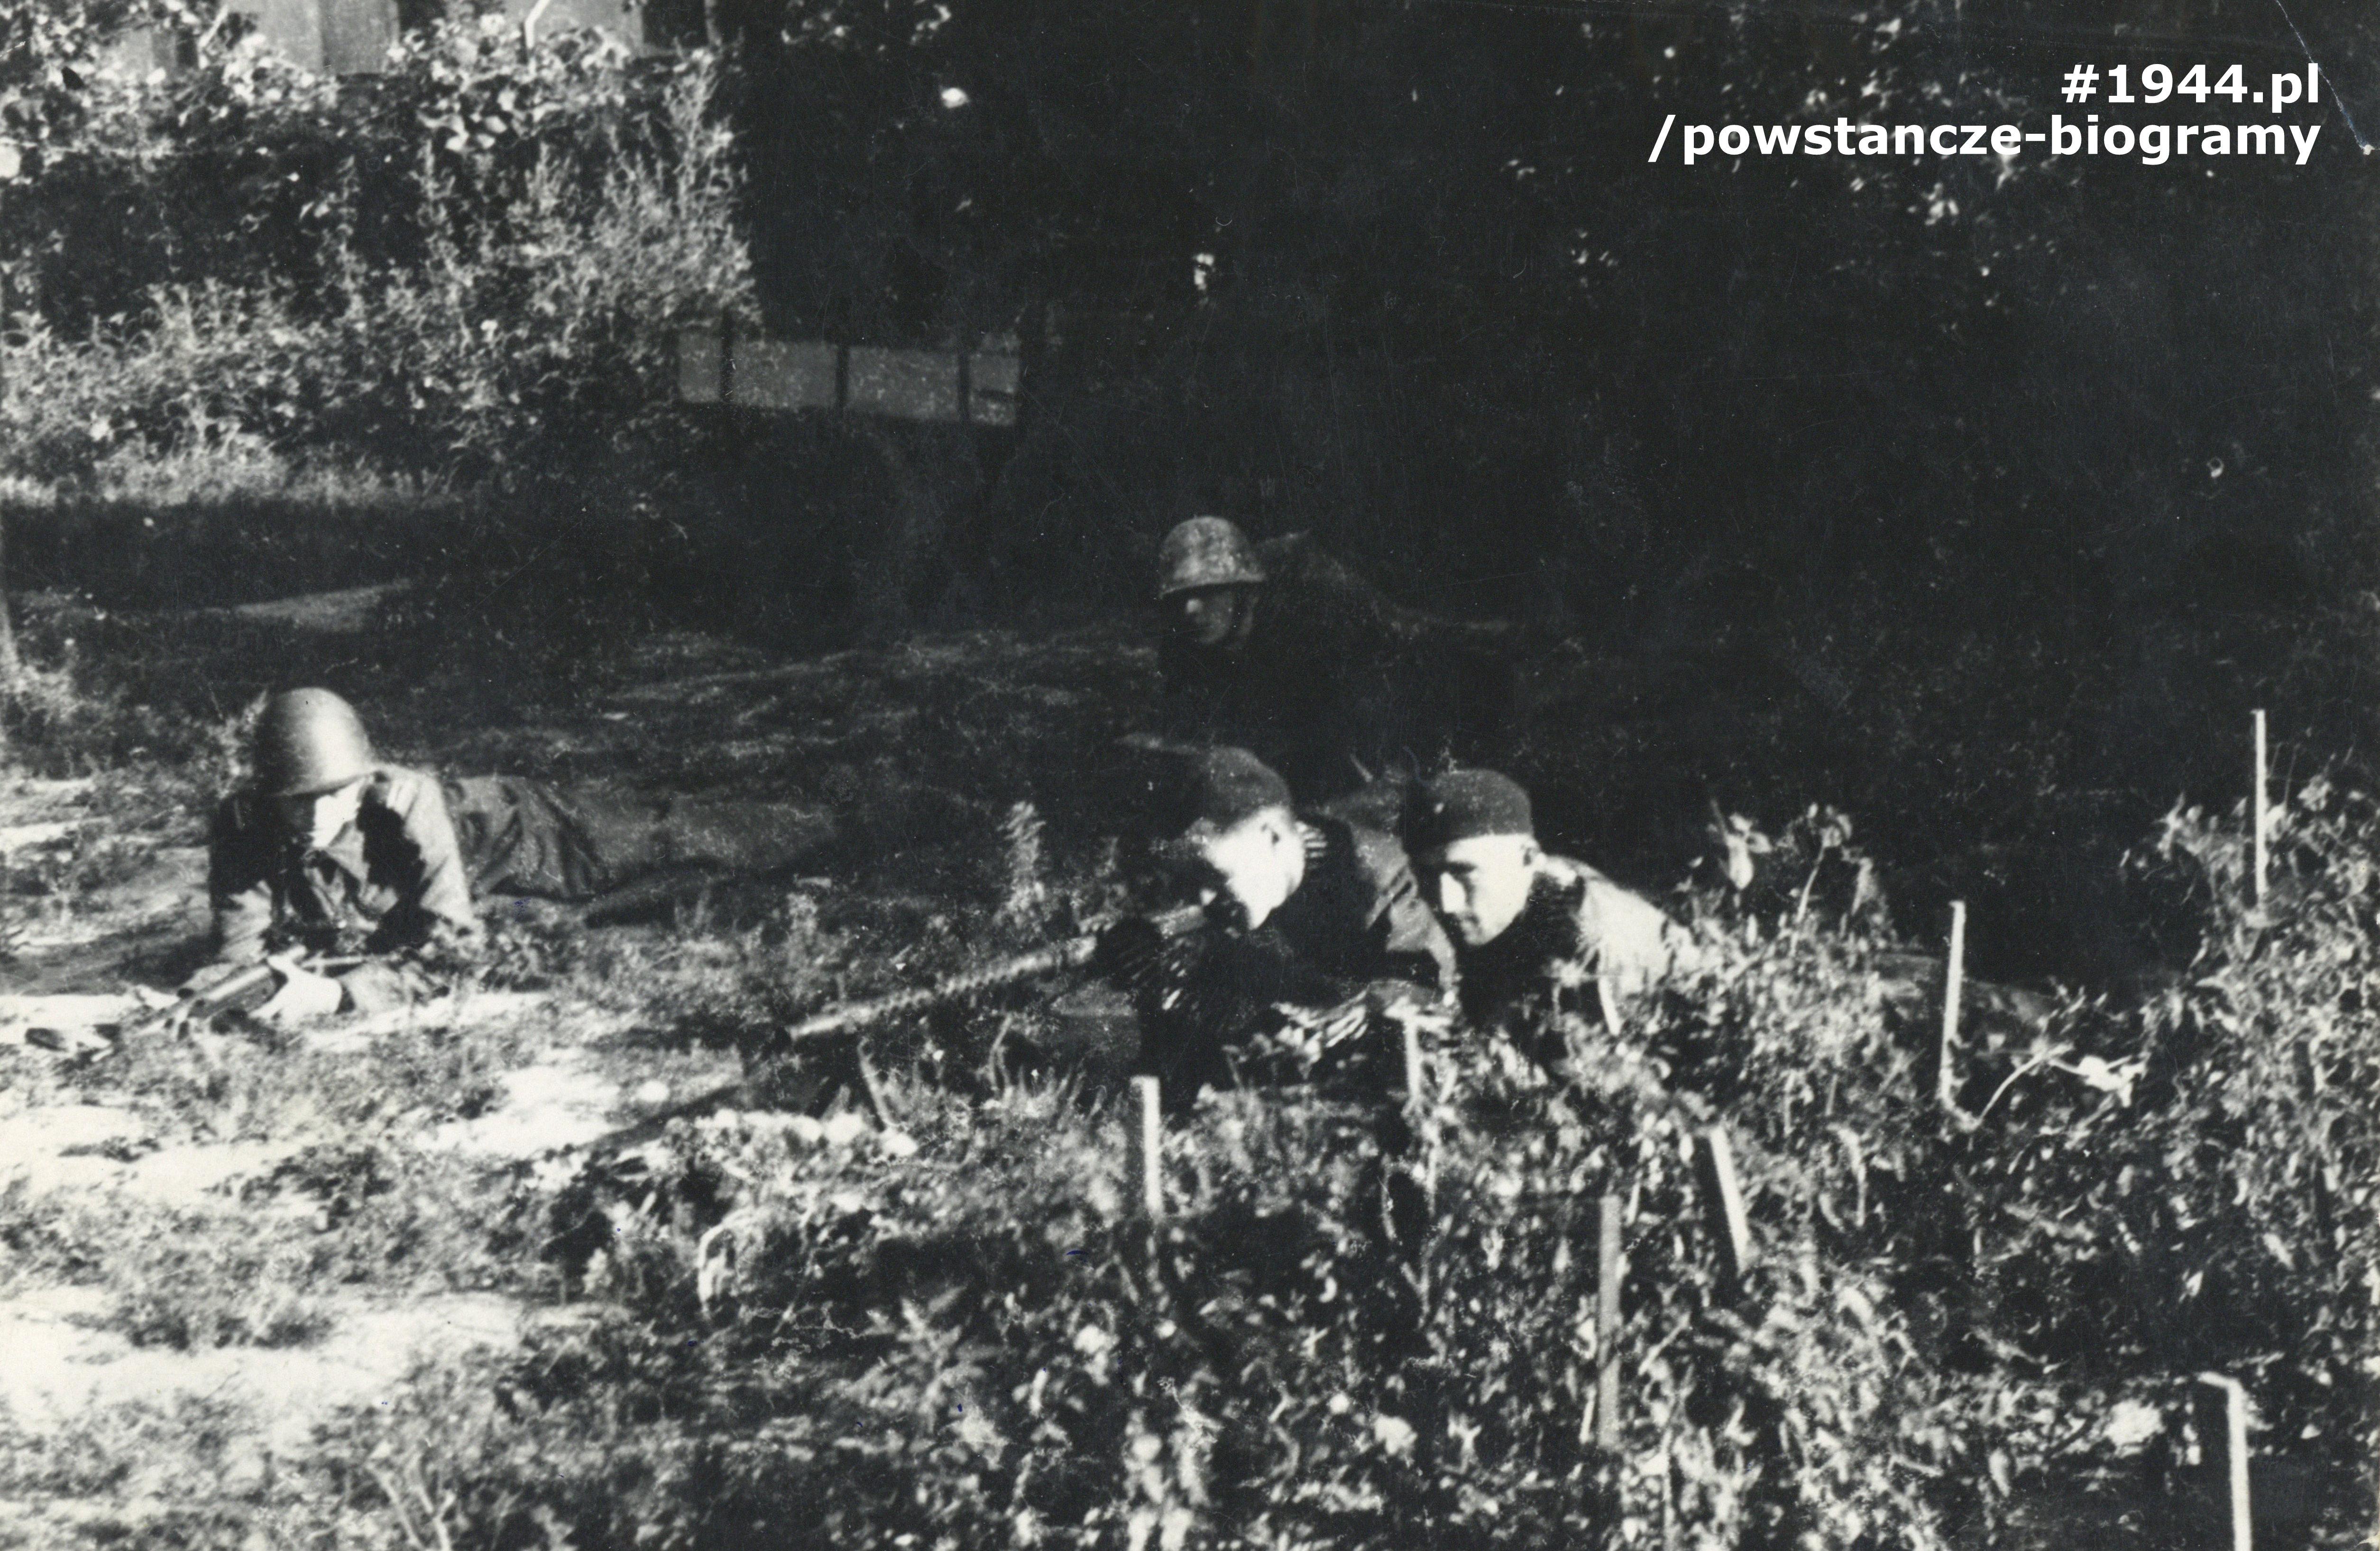 """Fotografia z Powstania Warszawskiego. Żoliborz,  żołnierze plutonu 229 - od lewej: ppor. Witold Lisowski """"Zarewicz"""",  kpr. Stefan Kowalczyk """"Jeleń"""", strz. Mieczysław Ignaczak """"Tur"""". Fot. ze zbiorów Muzeum Powstania Warszawskiego - materiały Jana Rockiego, ujęcie tożsame - MPW-IH/5391"""